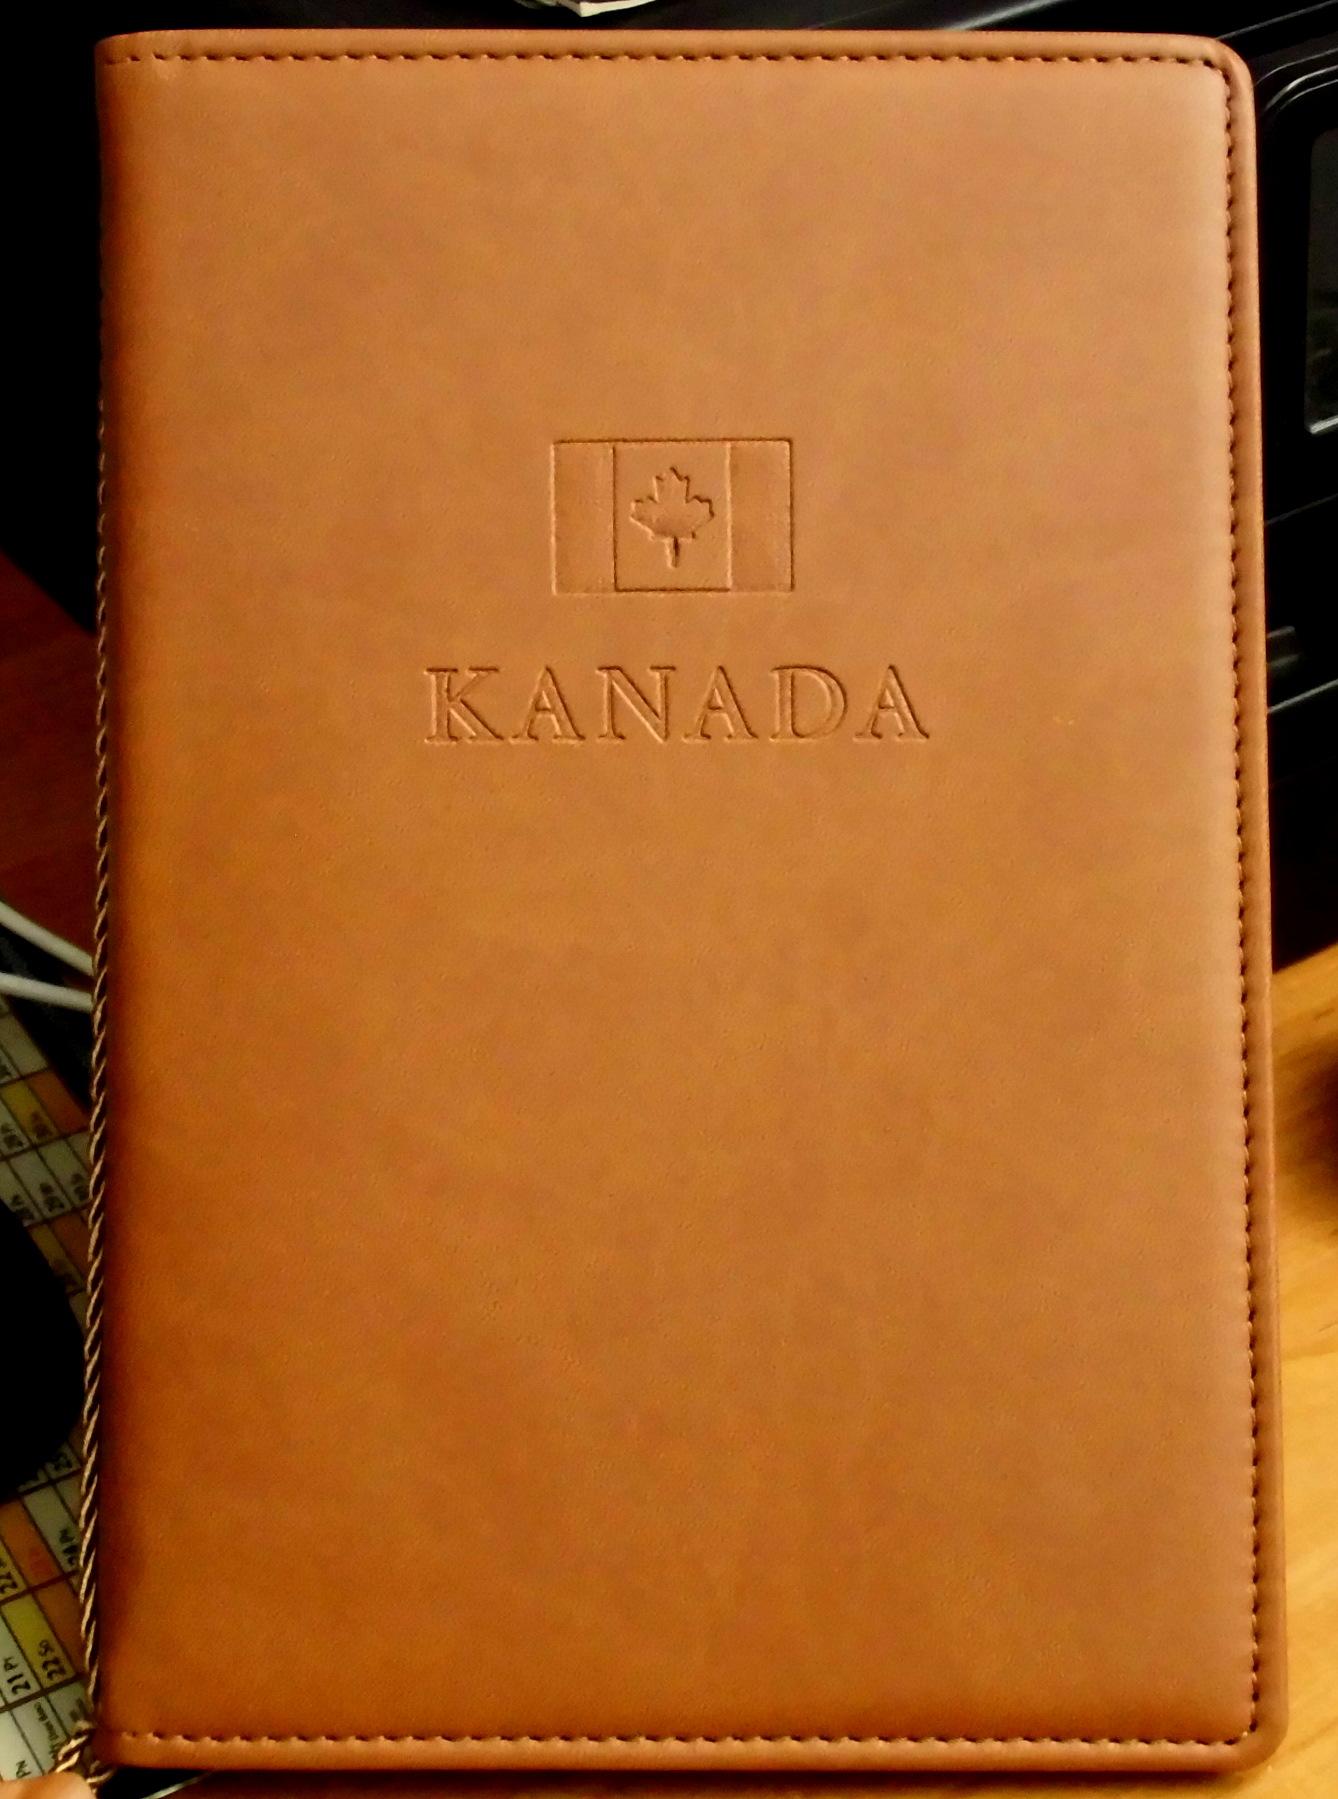 Kanada ładny album na zdjecia ,pocztówki,banknoty